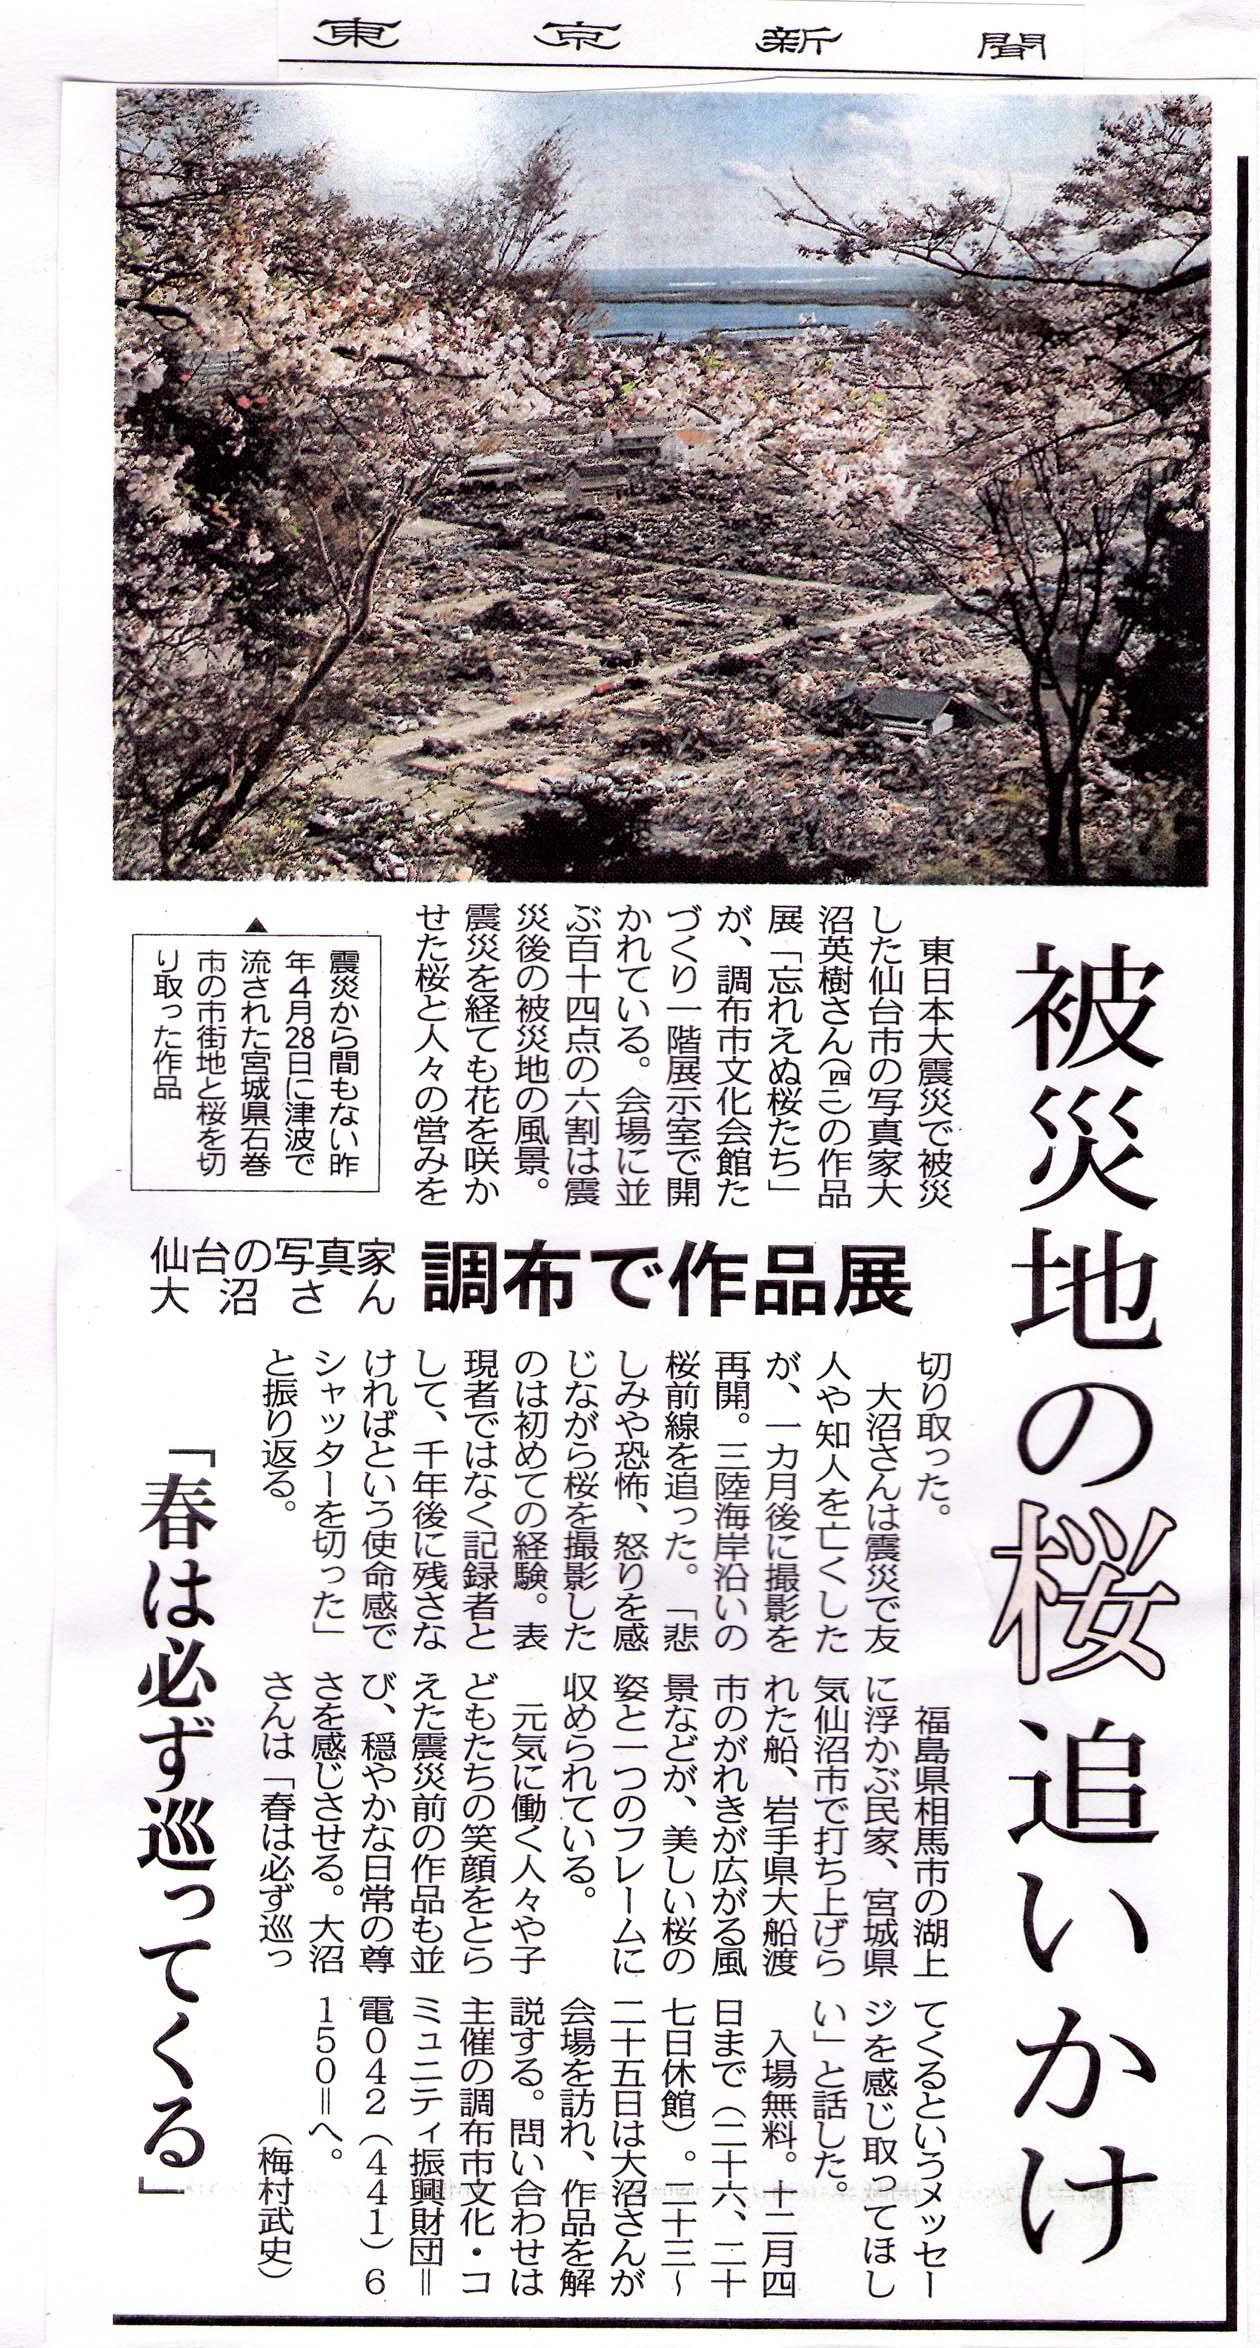 『東京新聞』2012年11月7日付